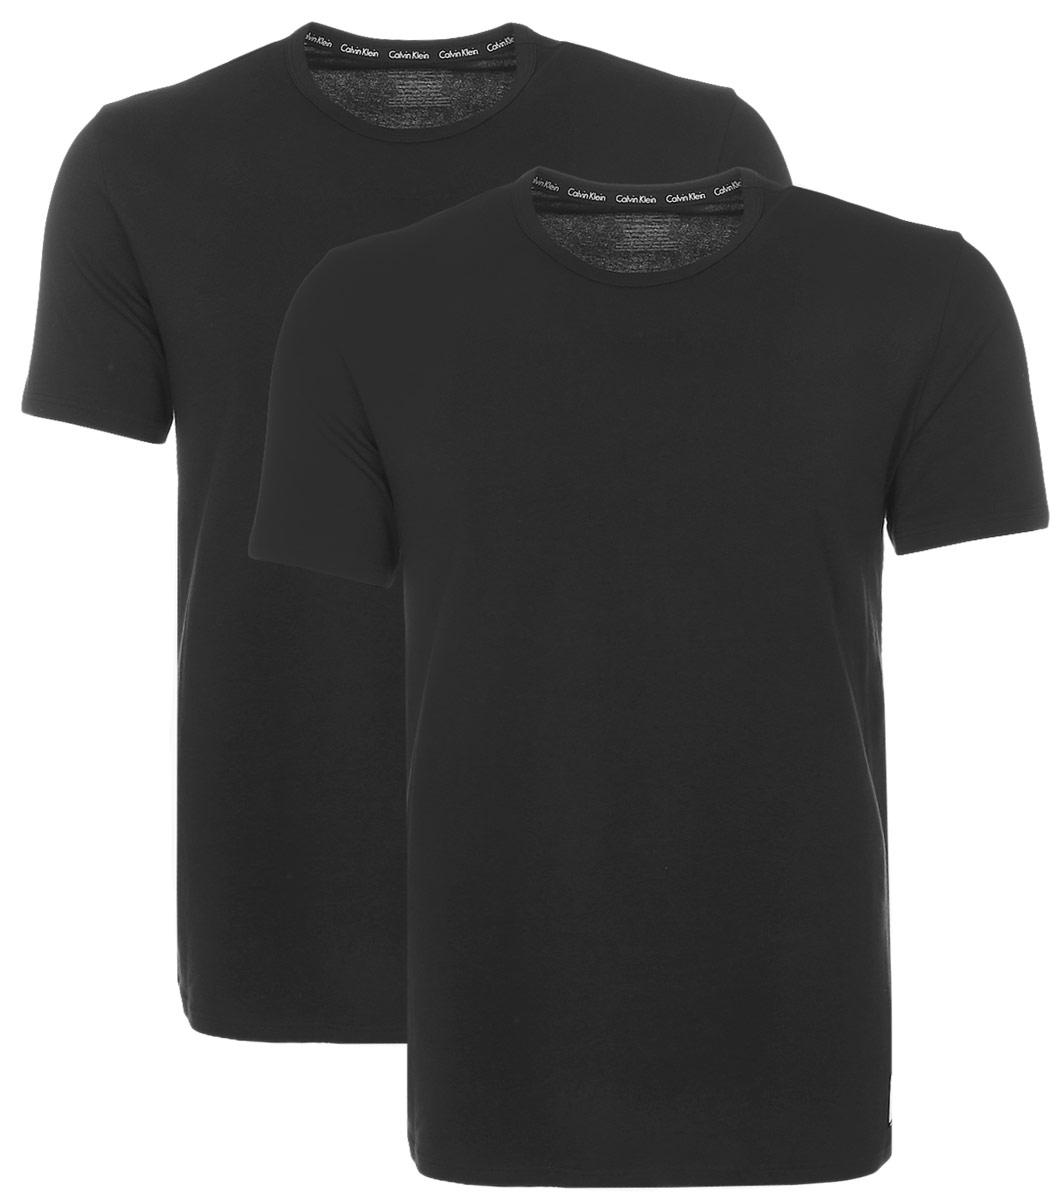 Футболка для дома мужская Calvin Klein Underwear, цвет: черный, 2 шт. NU8697A. Размер M (46;48)NU8697AМужская футболка Calvin Klein Underwear изготовлена из натурального хлопка с добавлением эластана. Модель с круглой горловиной и короткими рукавами. Футболка дополнена квадратной нашивкой с названием бренда.